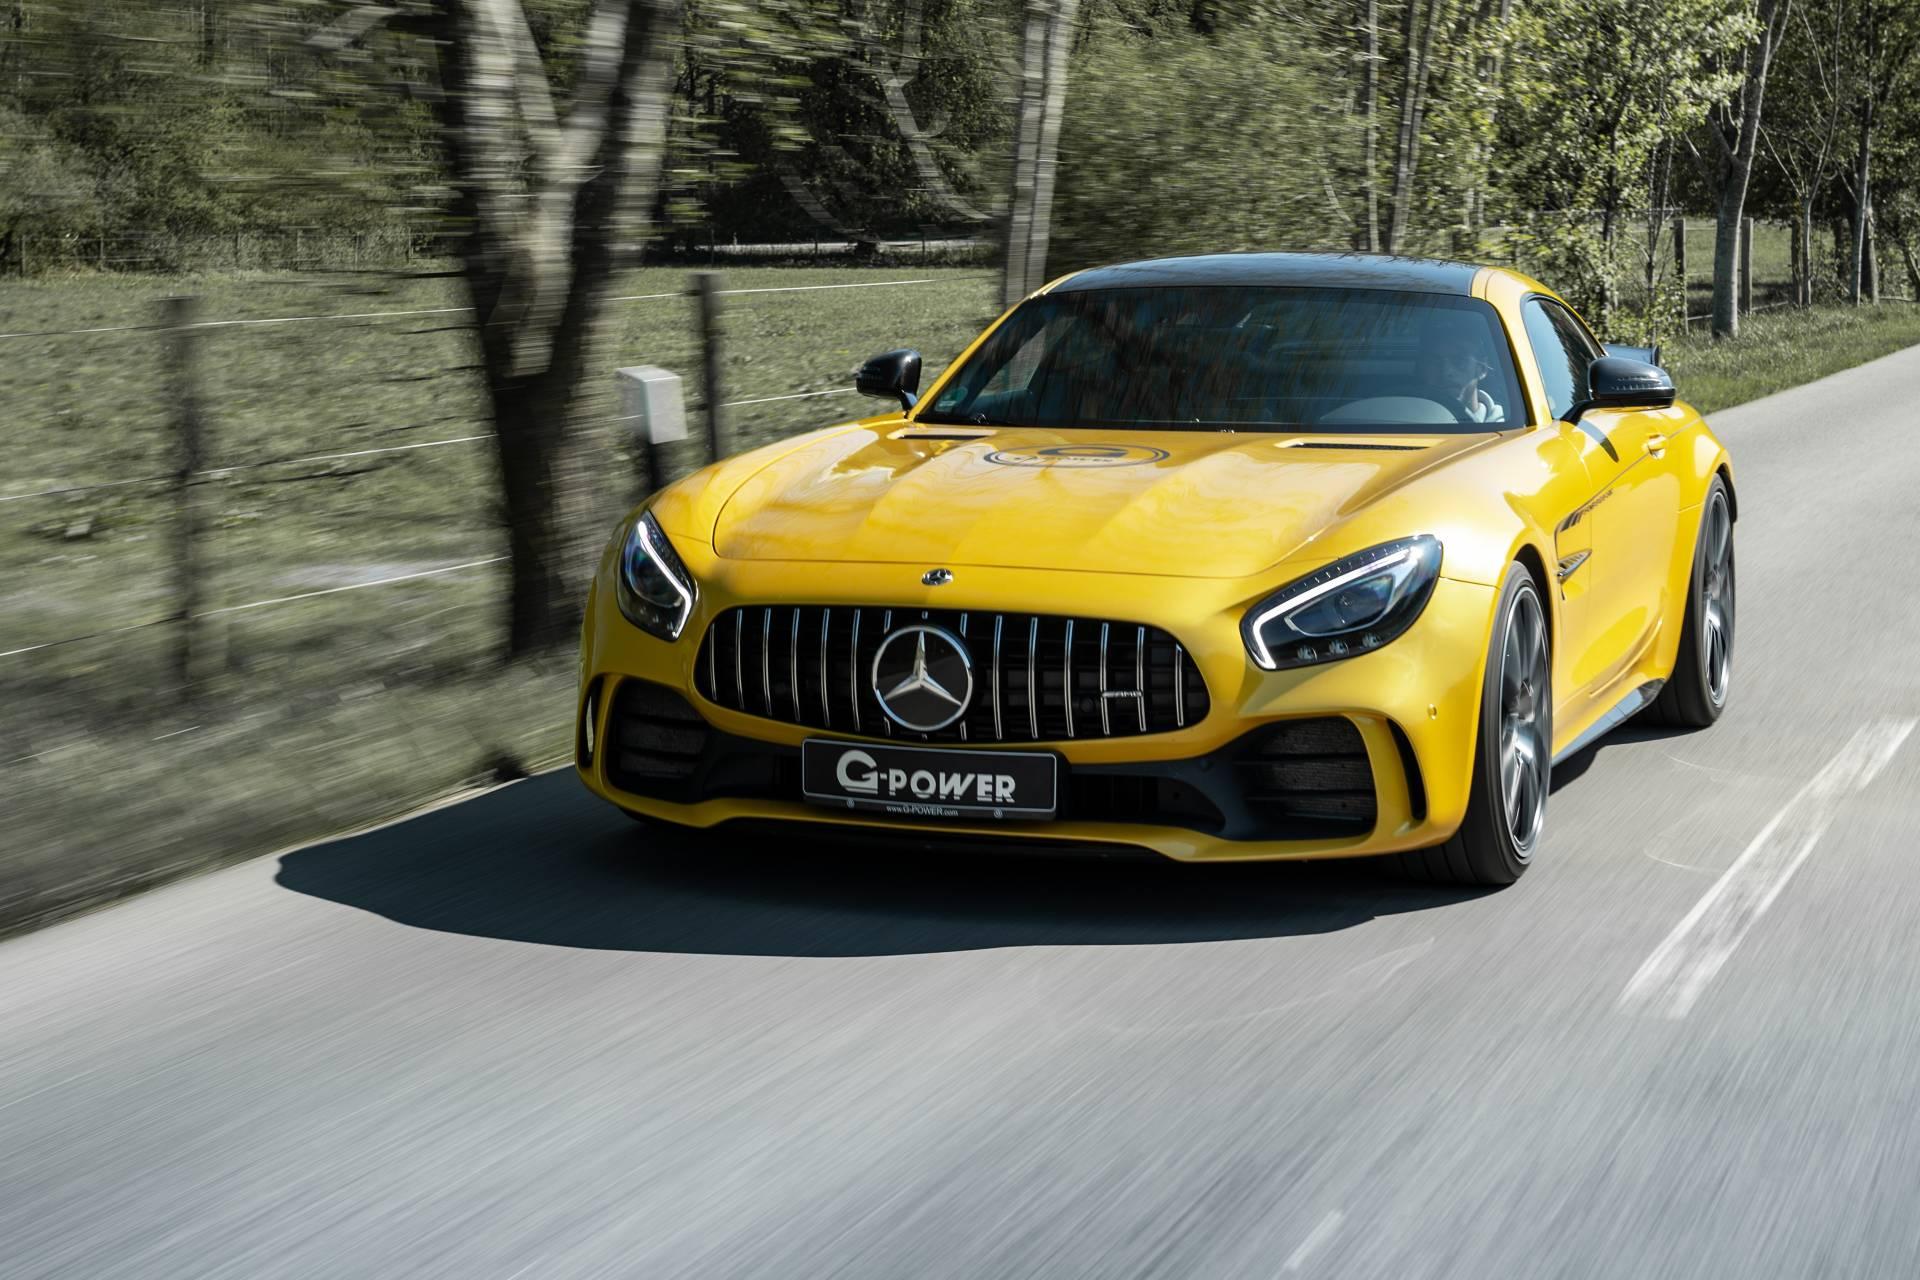 El Mercedes-AMG GT R llega a los 800 CV en su V8 biturbo de la mano de G-Power